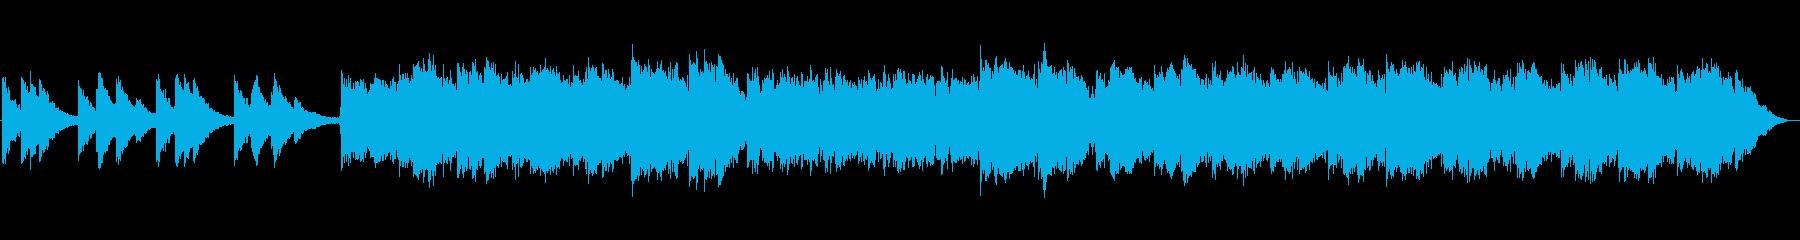 浮遊感たっぷりのエレピアンビエントの再生済みの波形